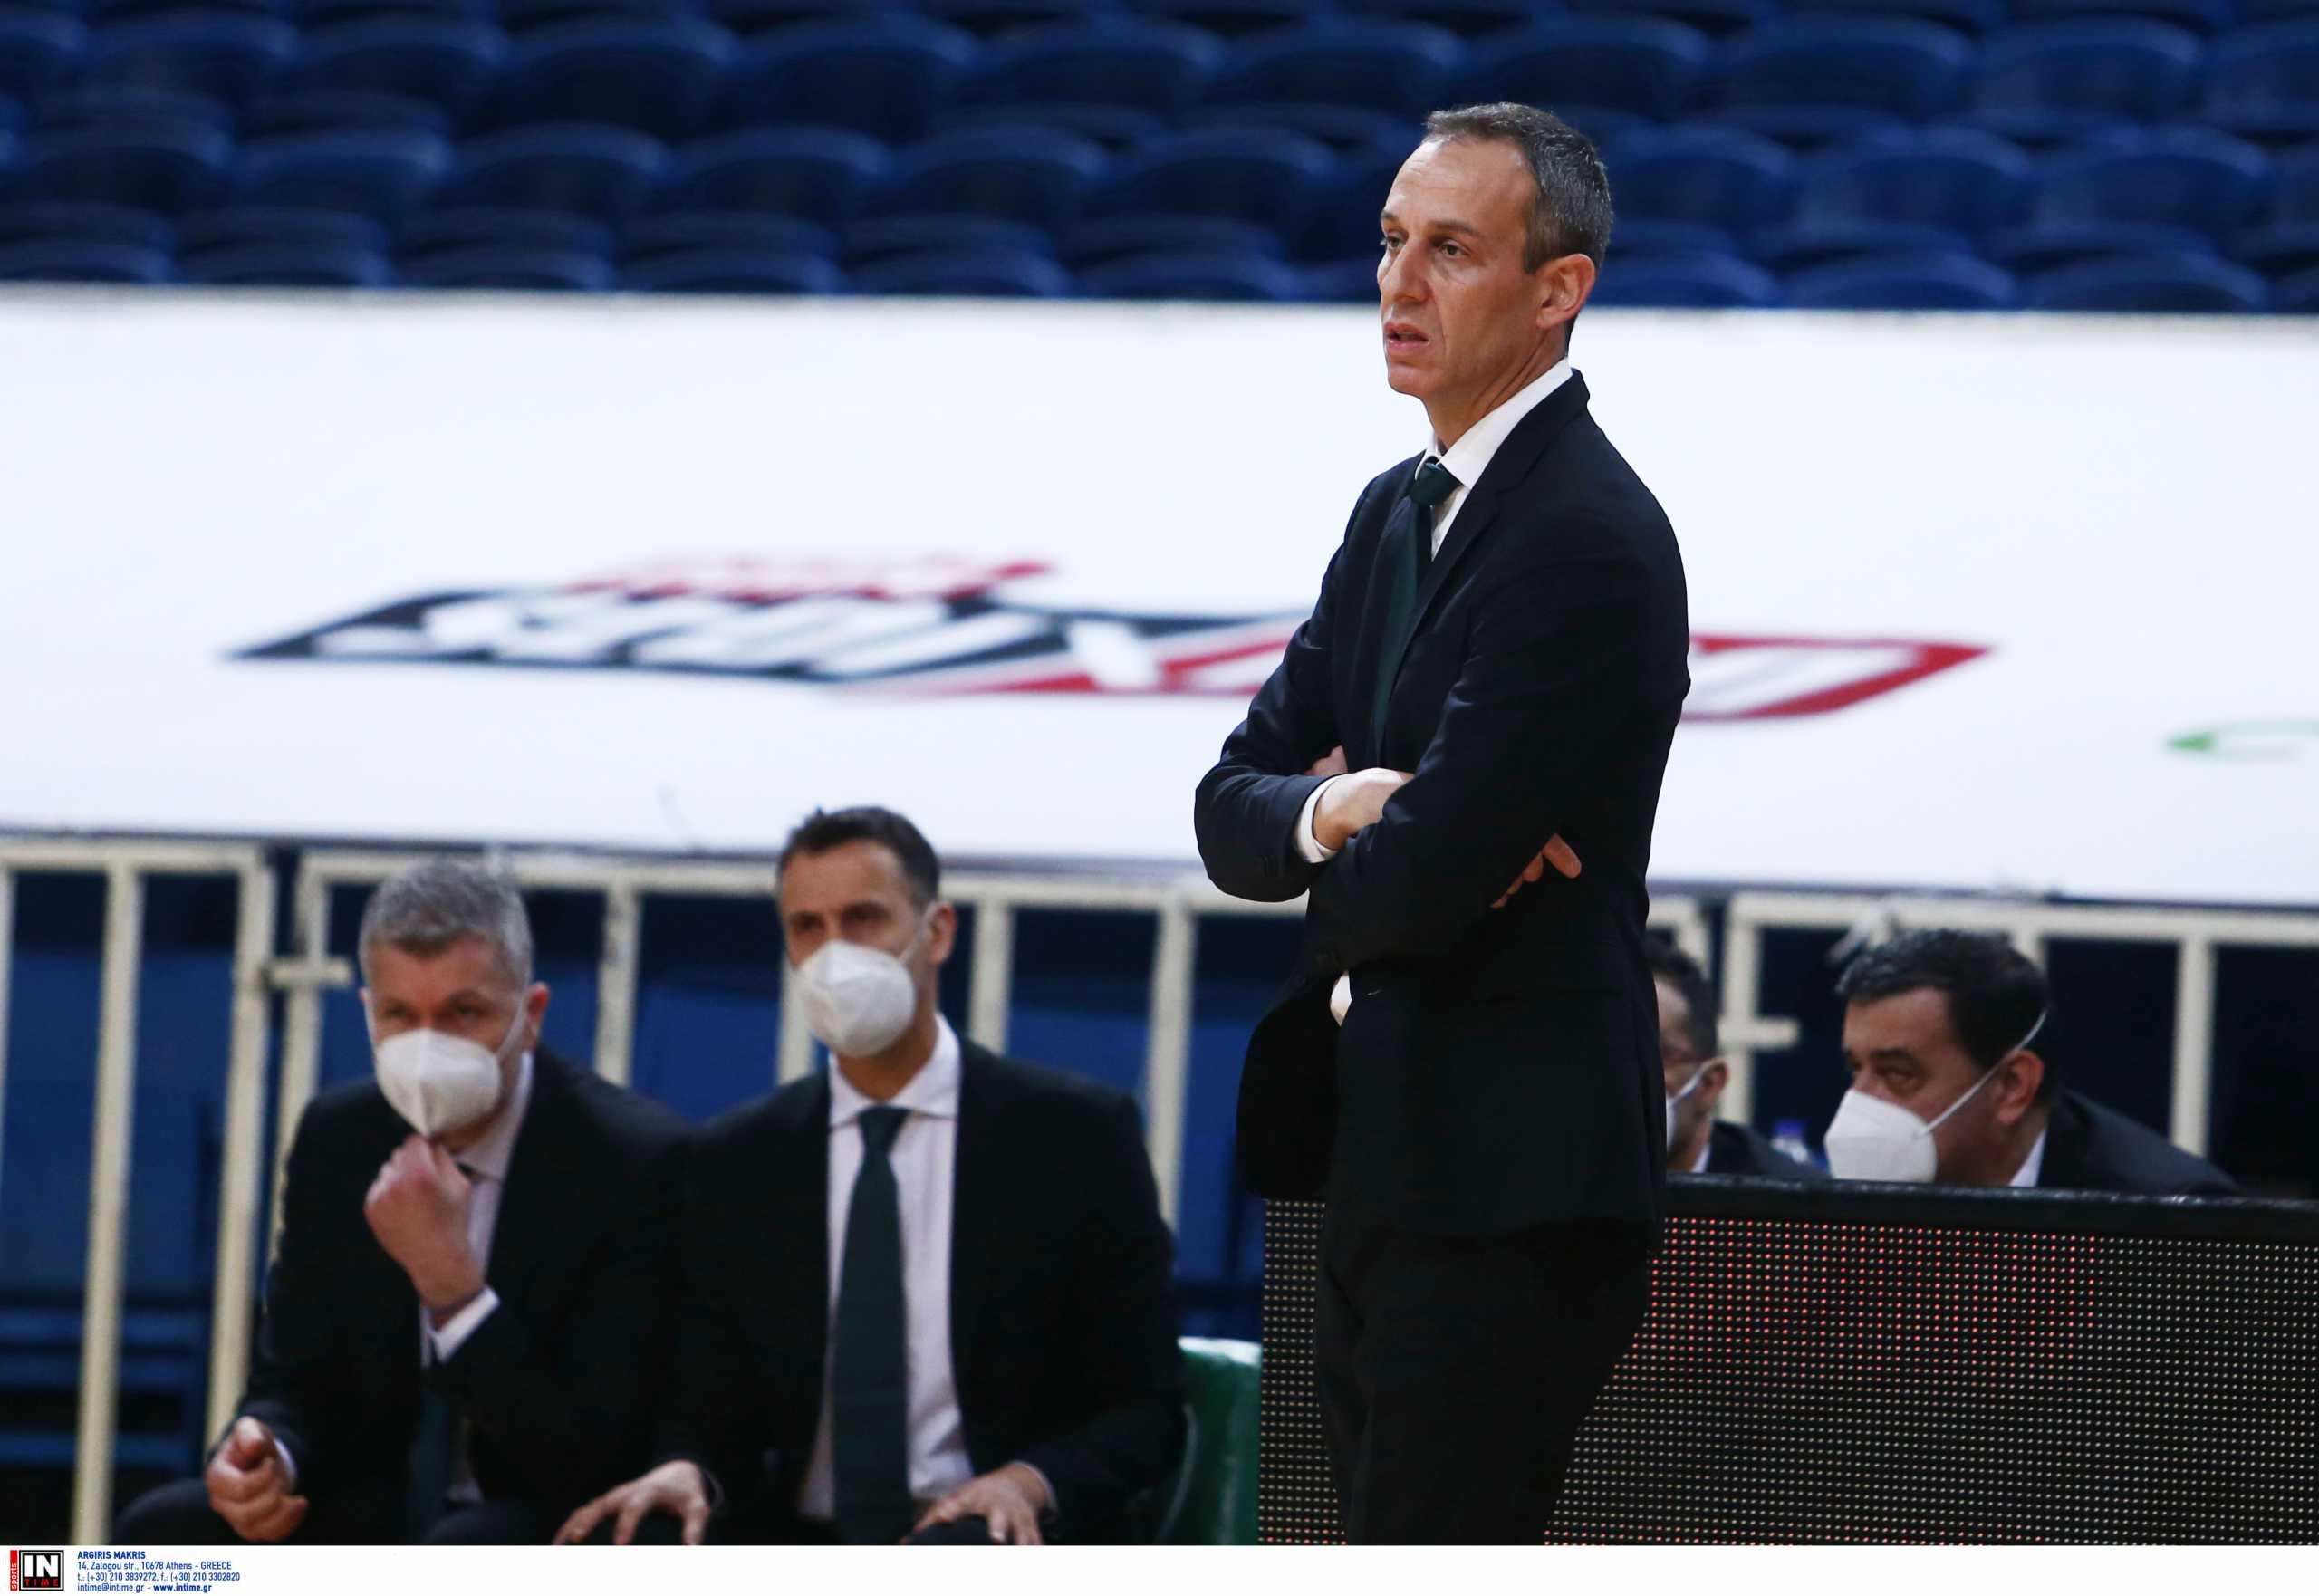 Κάτας: «Δεν θα ξέρω αν θα είναι έτοιμος ο Νέντοβιτς, αλλά δεν θα ρισκάρουμε»